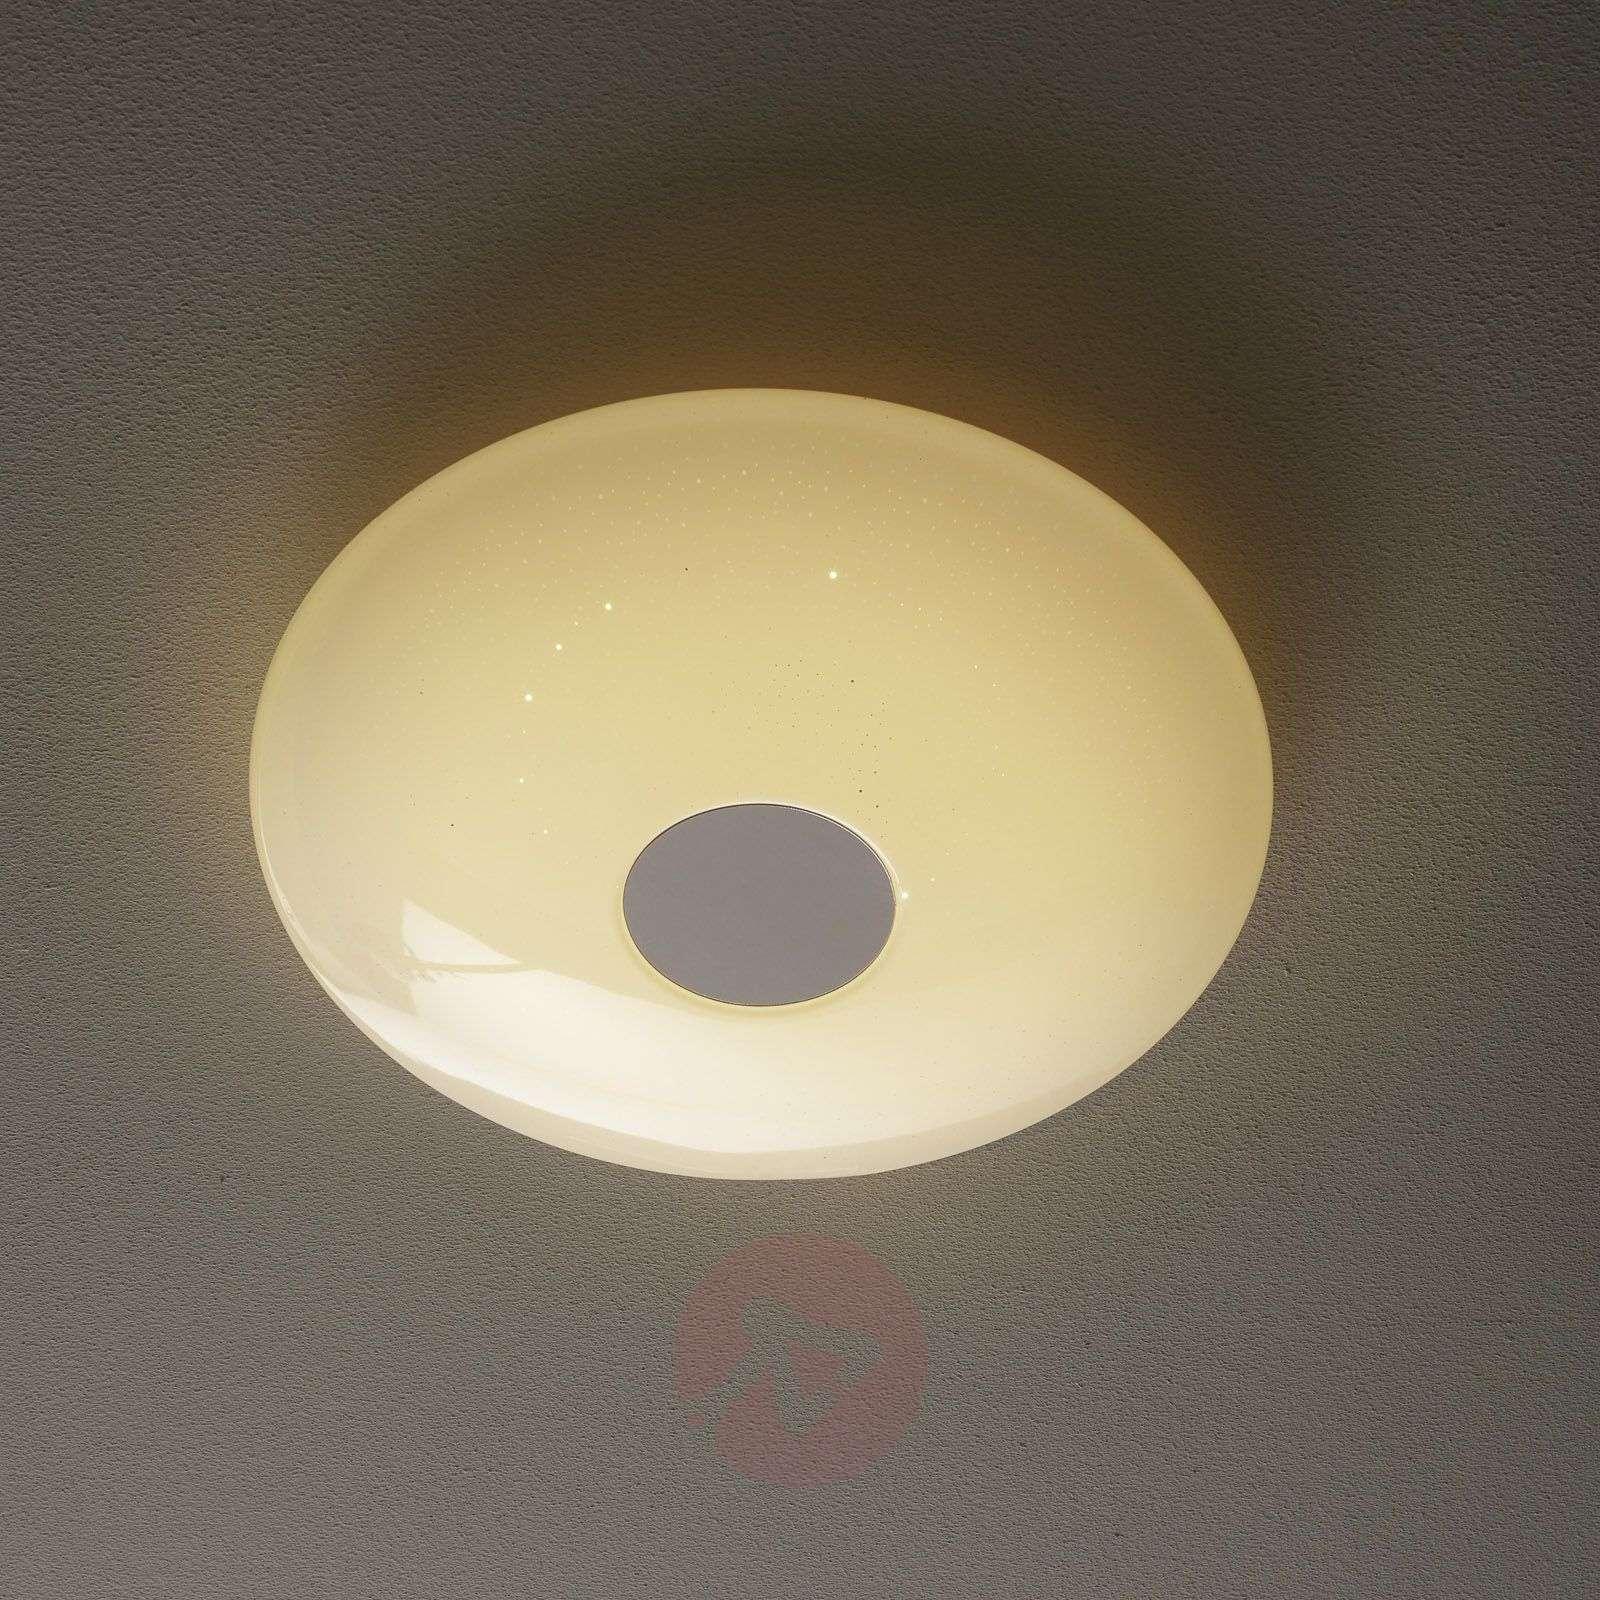 Pyöreä Voltago-C-LED-kattovalaisin, ohjattava-3032068-01